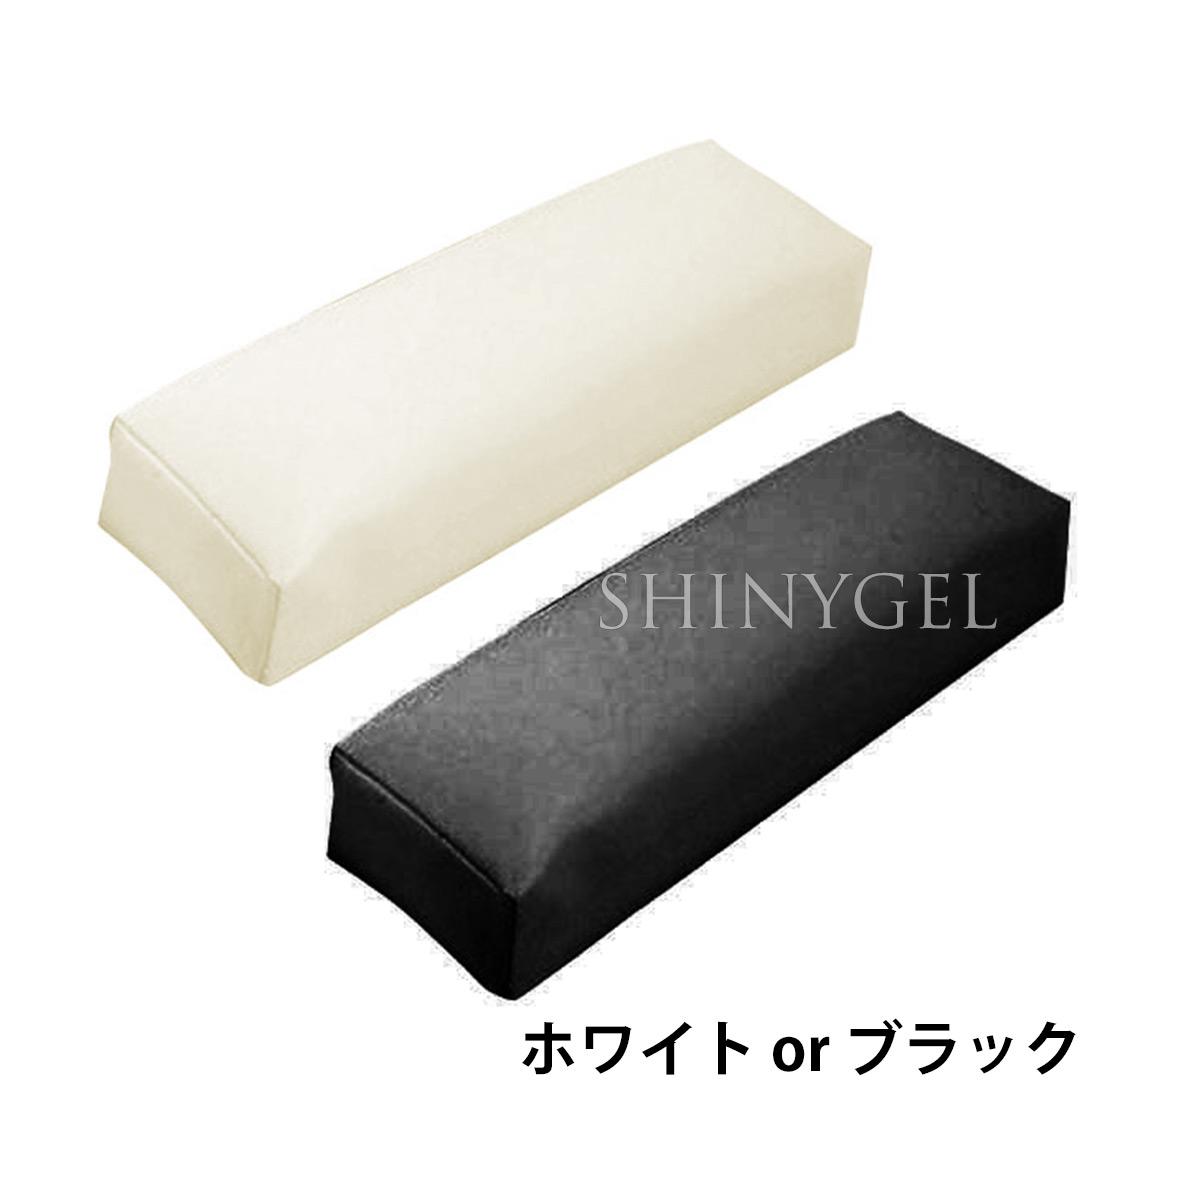 卸売り 営業 小さめサイズで検定などの持ち運びしやすい 検定用具 アームレスト W300xD90xH70 ブラック mm カラー:ホワイト